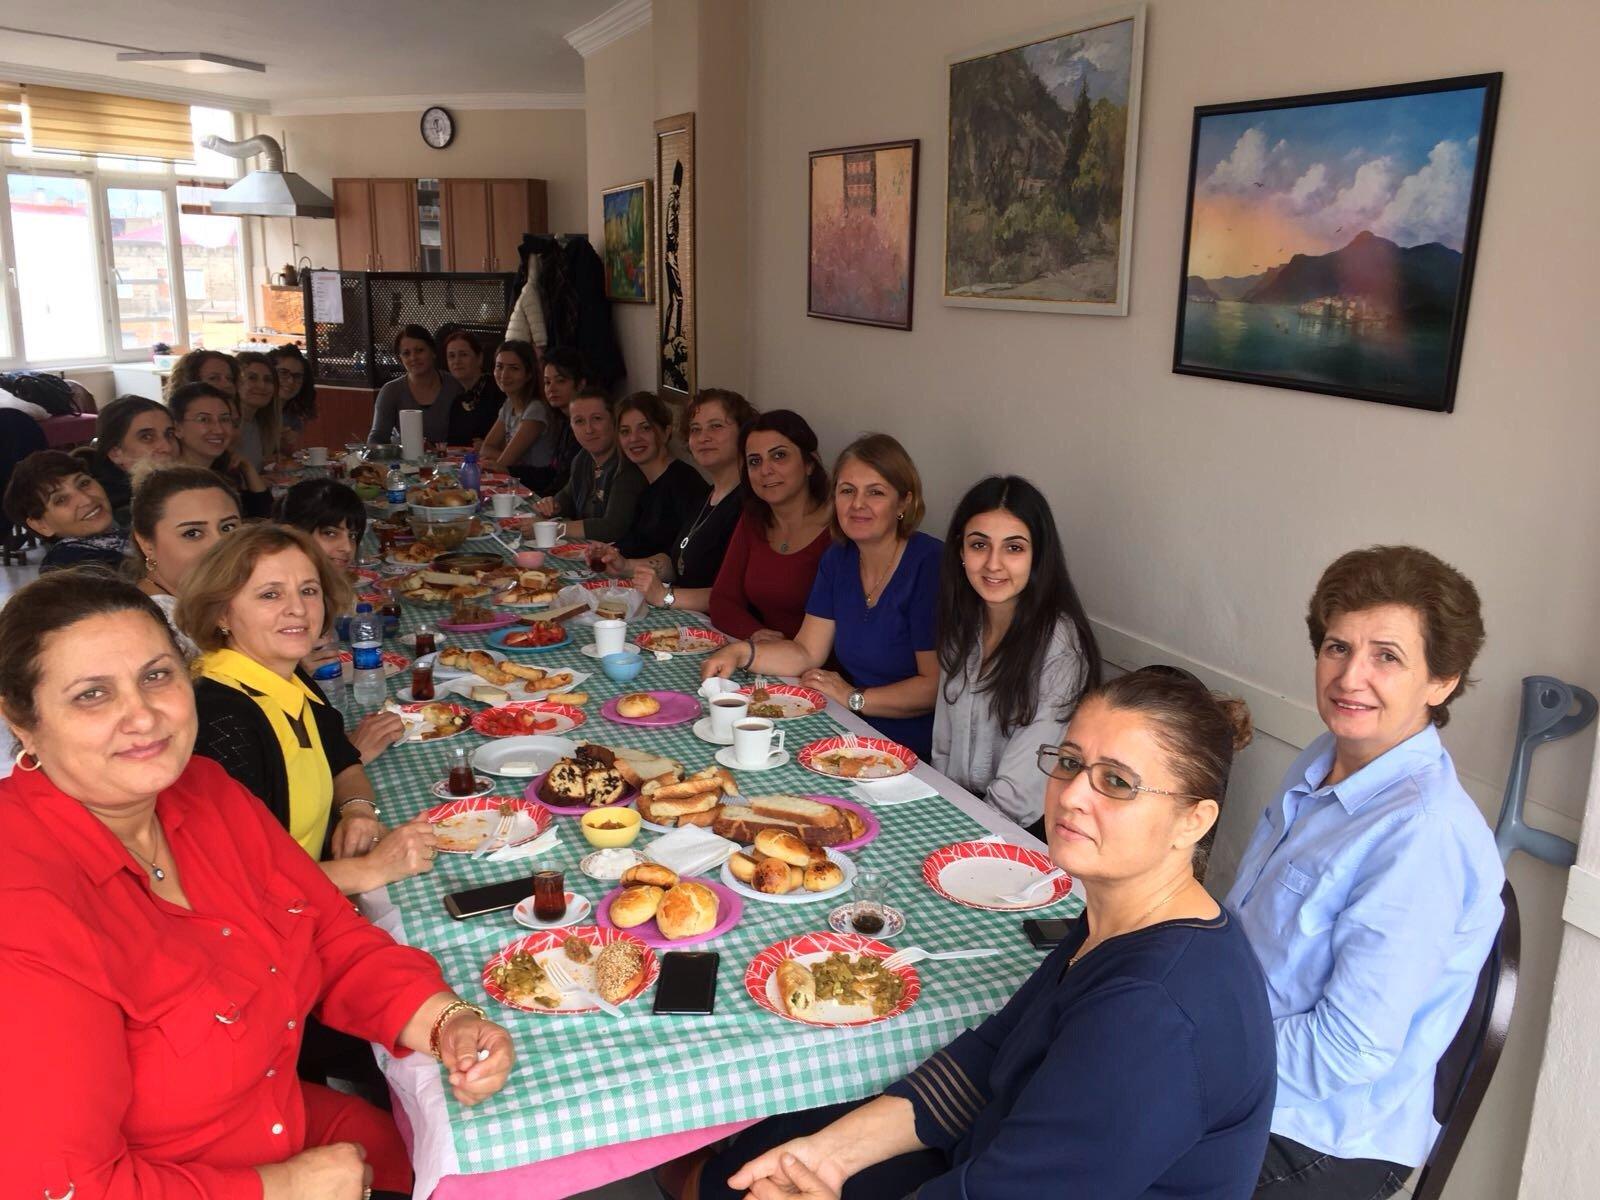 TÜM BEL-SEN KADIN MECLİSİ 11-12 KASIM'DA MARDİN'DE BULUŞUYOR